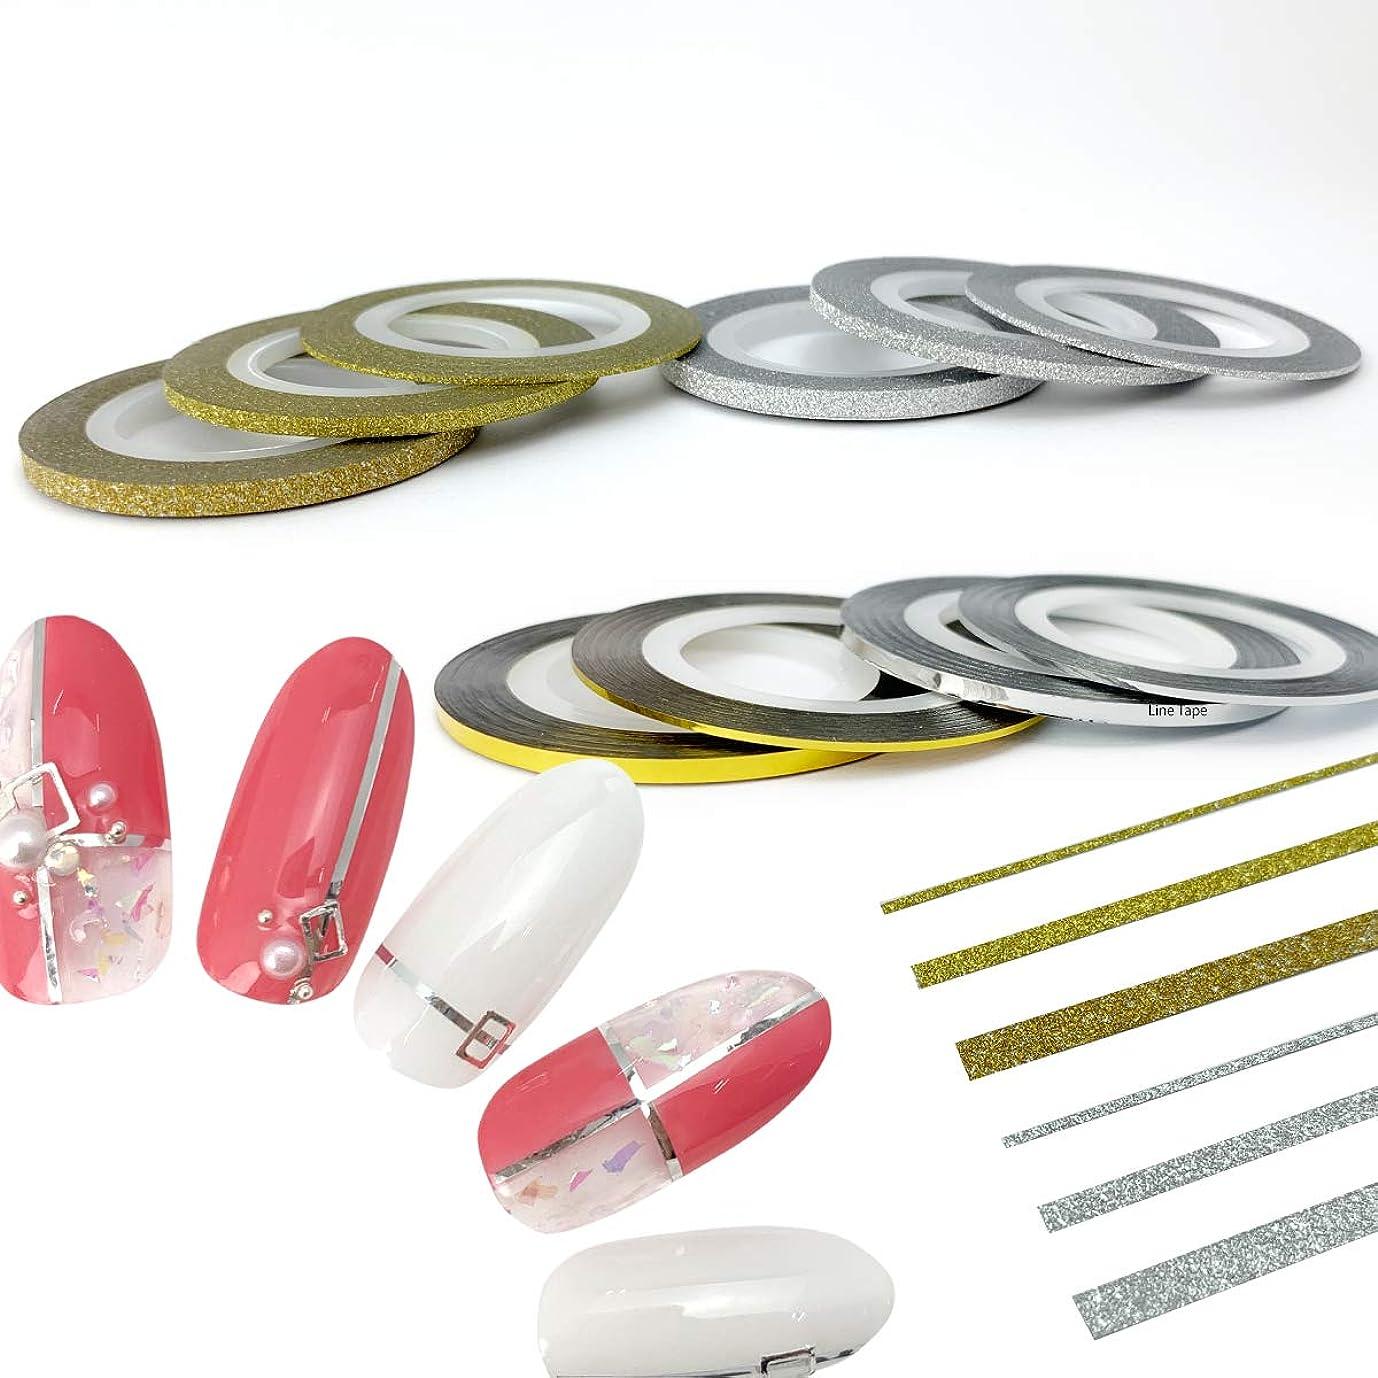 ジャーナル上に実装するNaturalTrend ネイルアート用ラインテープ 1mm 2mm 3mm ネイルデザインテープ ジェルネイル ゴールド シルバー グリッターラインテープ (2mm, グリッターテープ/ゴールド)